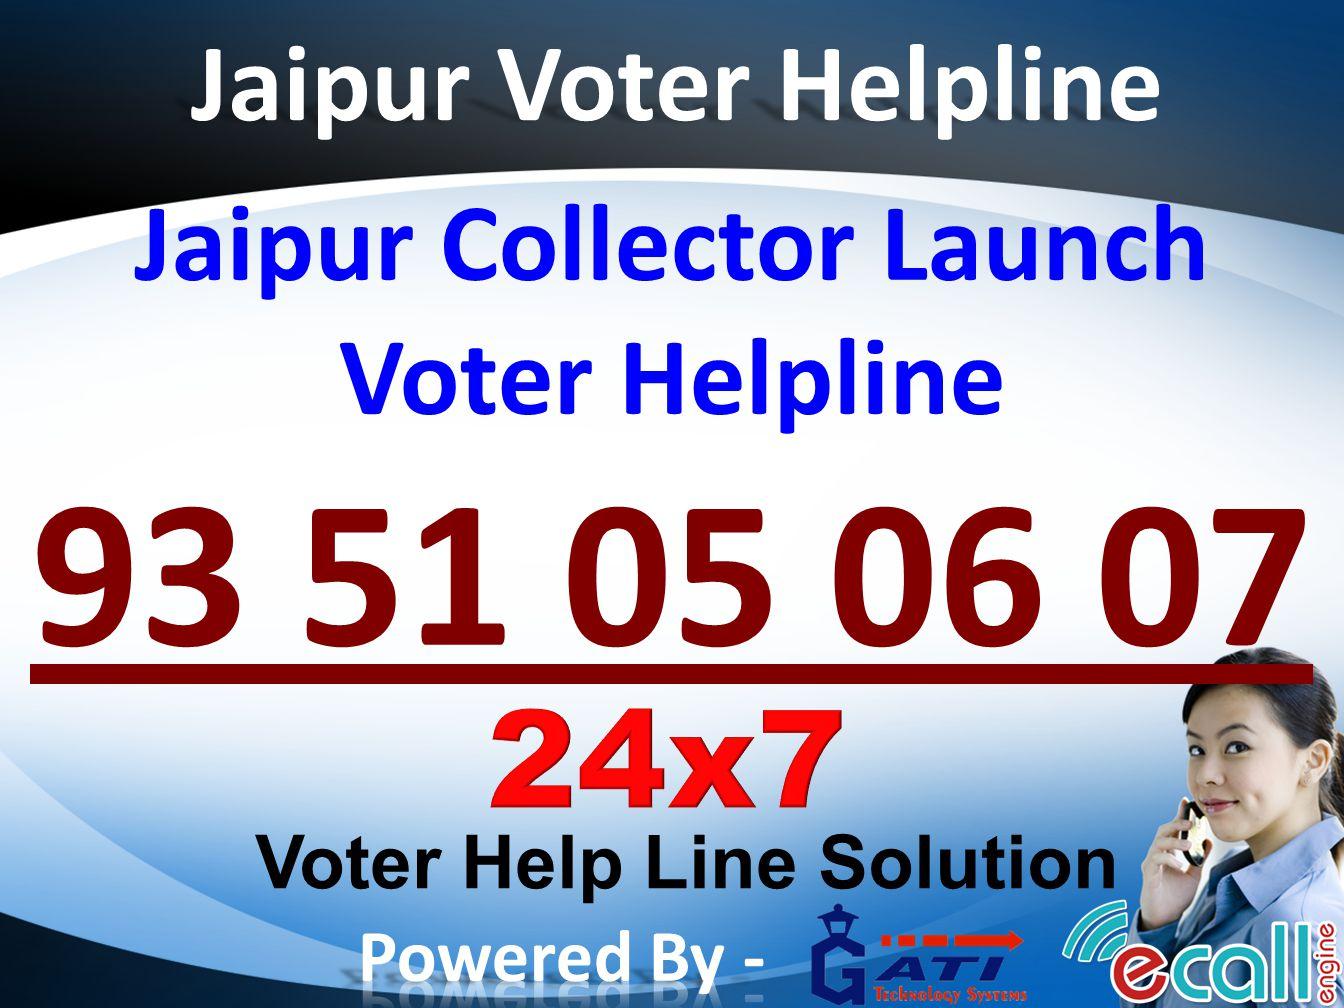 Jaipur Voter Helpline Jaipur Collector Launch Voter Helpline 93 51 05 06 07 Voter Help Line Solution